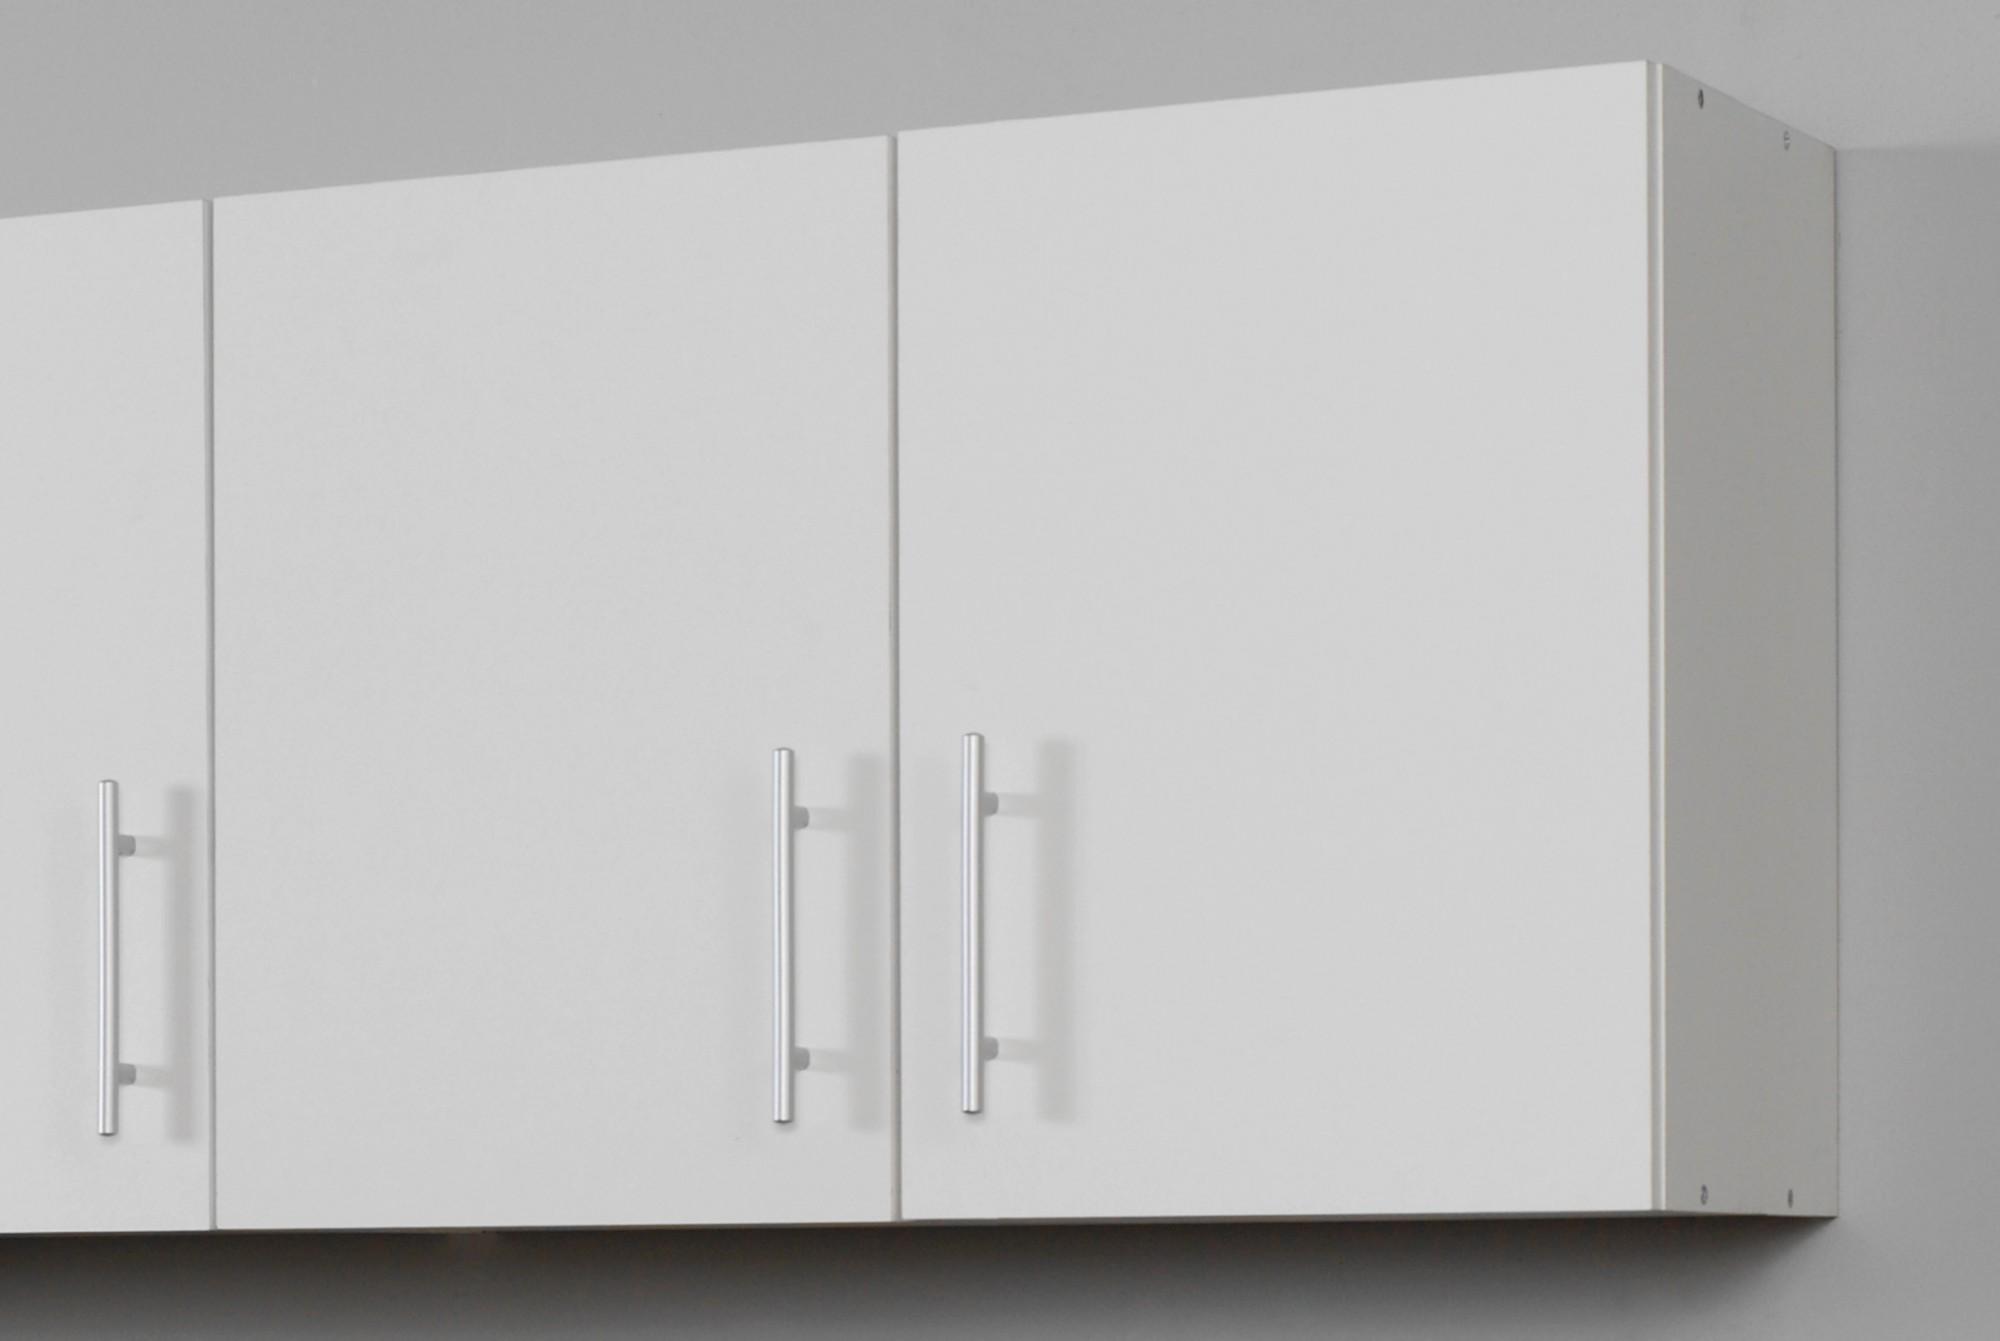 Kleiner Kühlschrank Gebraucht Berlin : Kleiner kühlschrank gebraucht berlin kühlschrank mieten in berlin